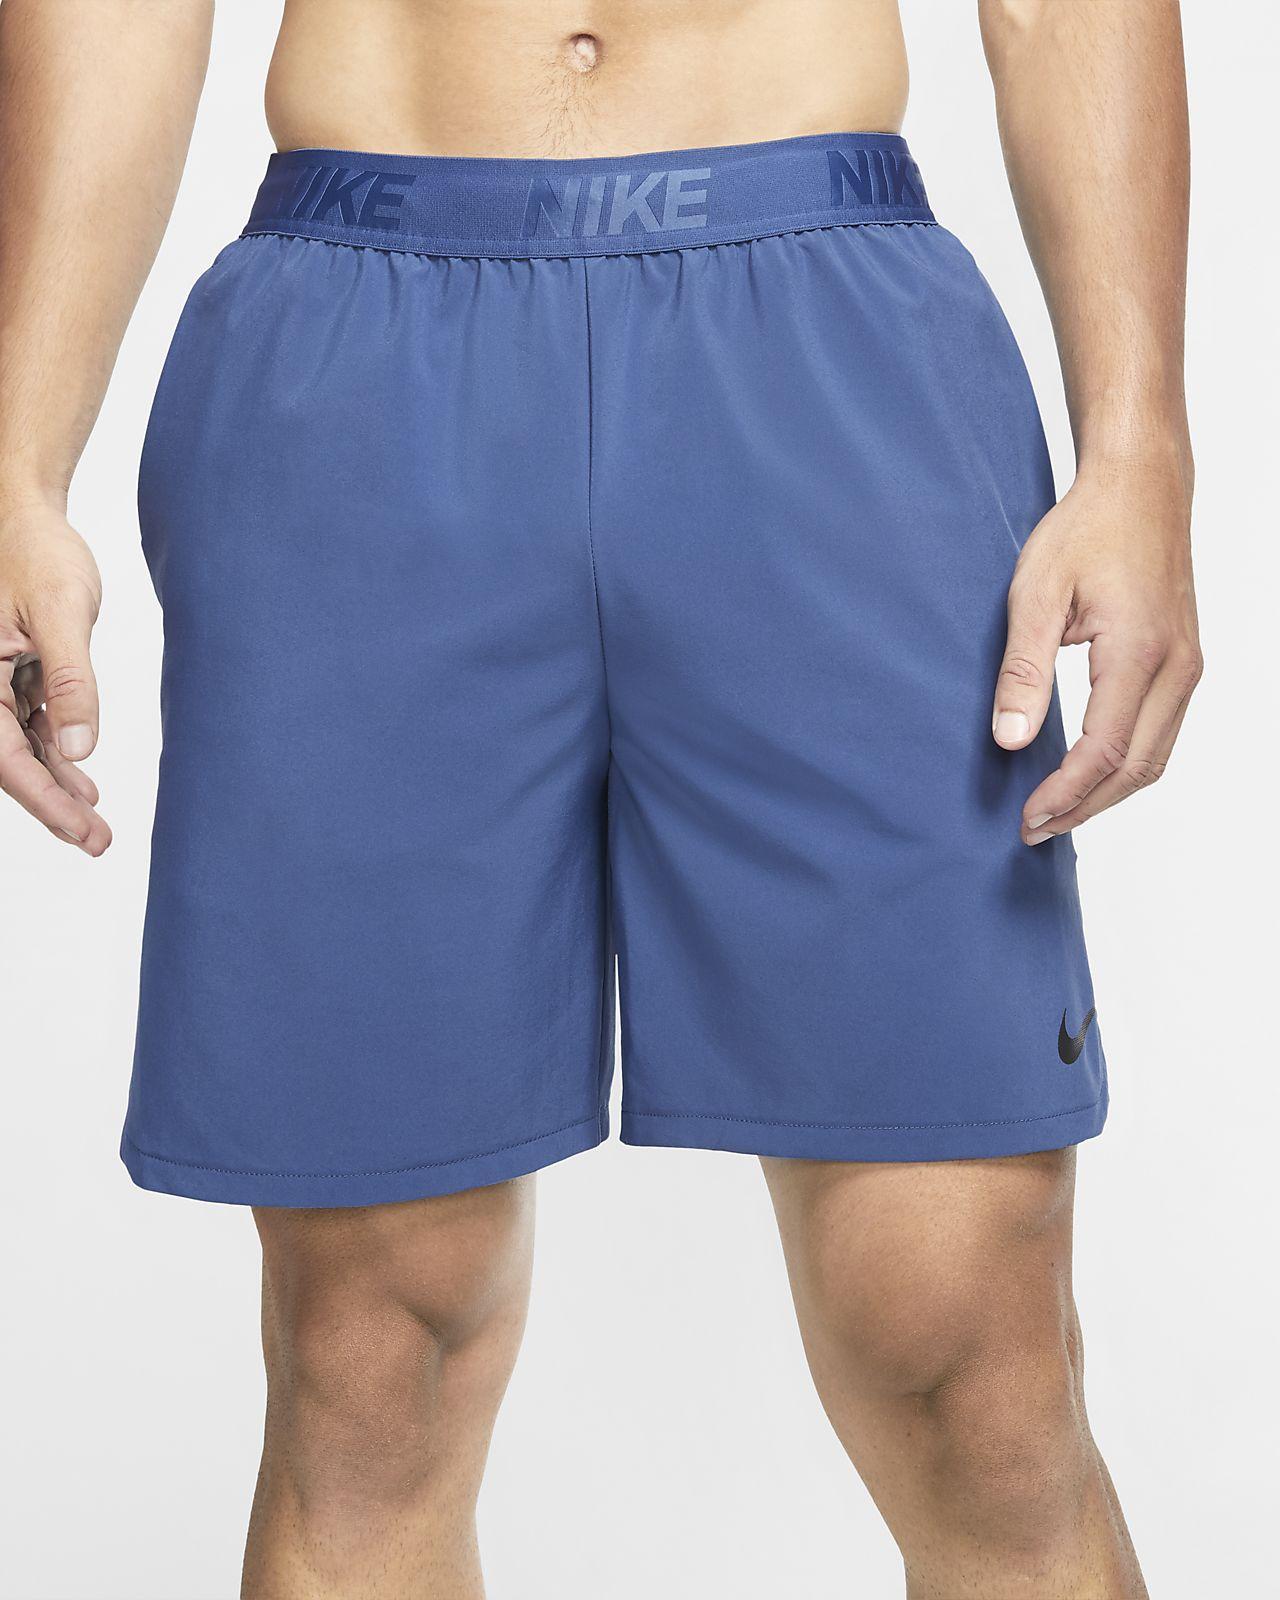 Мужские шорты для тренинга Nike Flex 20,5 см